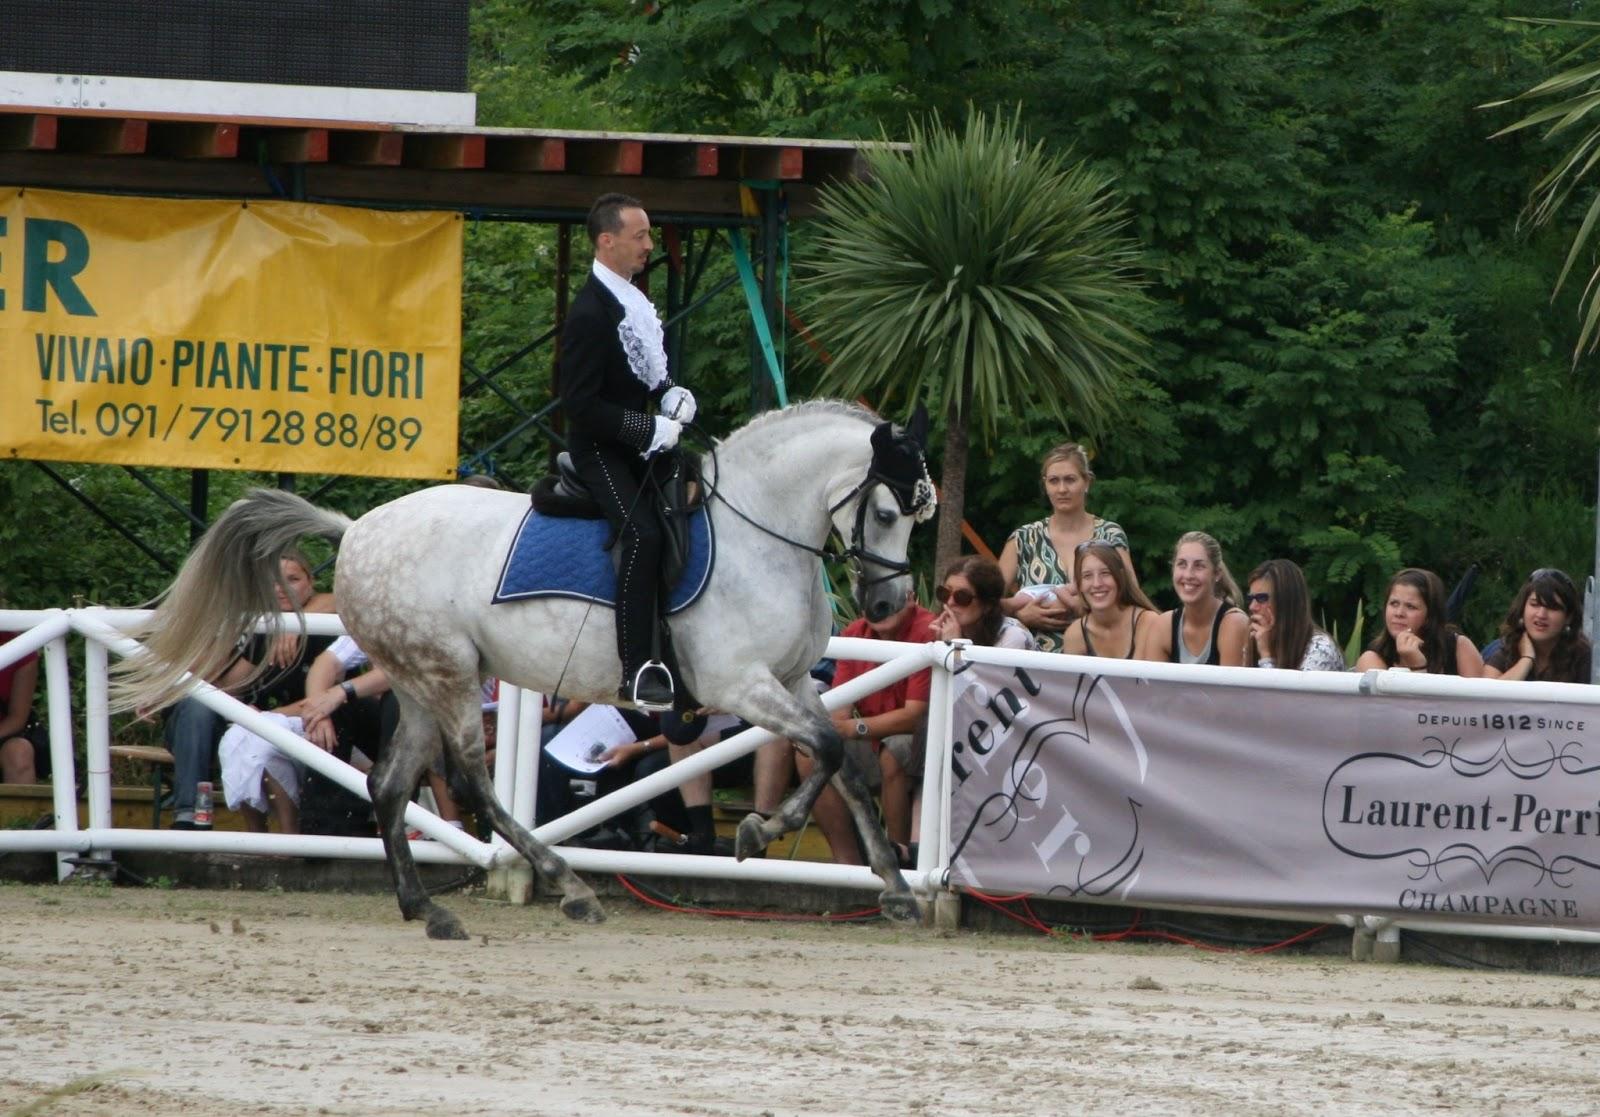 Solo circo x sempre maggio 2010 for Quanto costa mantenere un cavallo